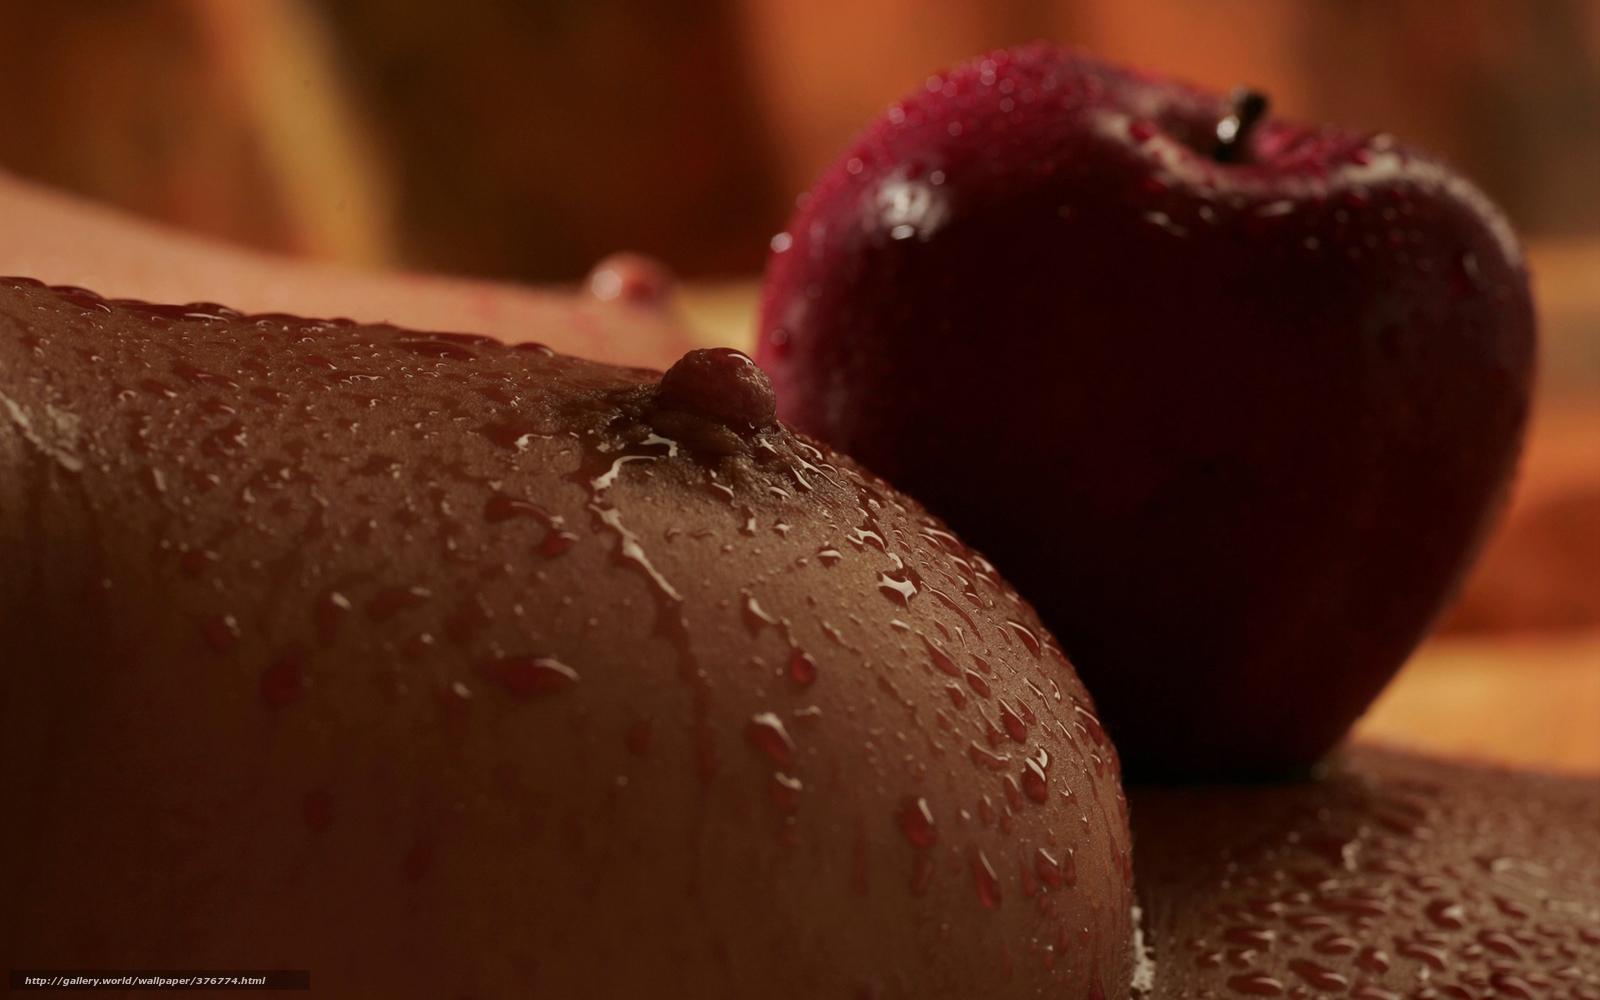 Секс с овощами фруктами фото 15 фотография